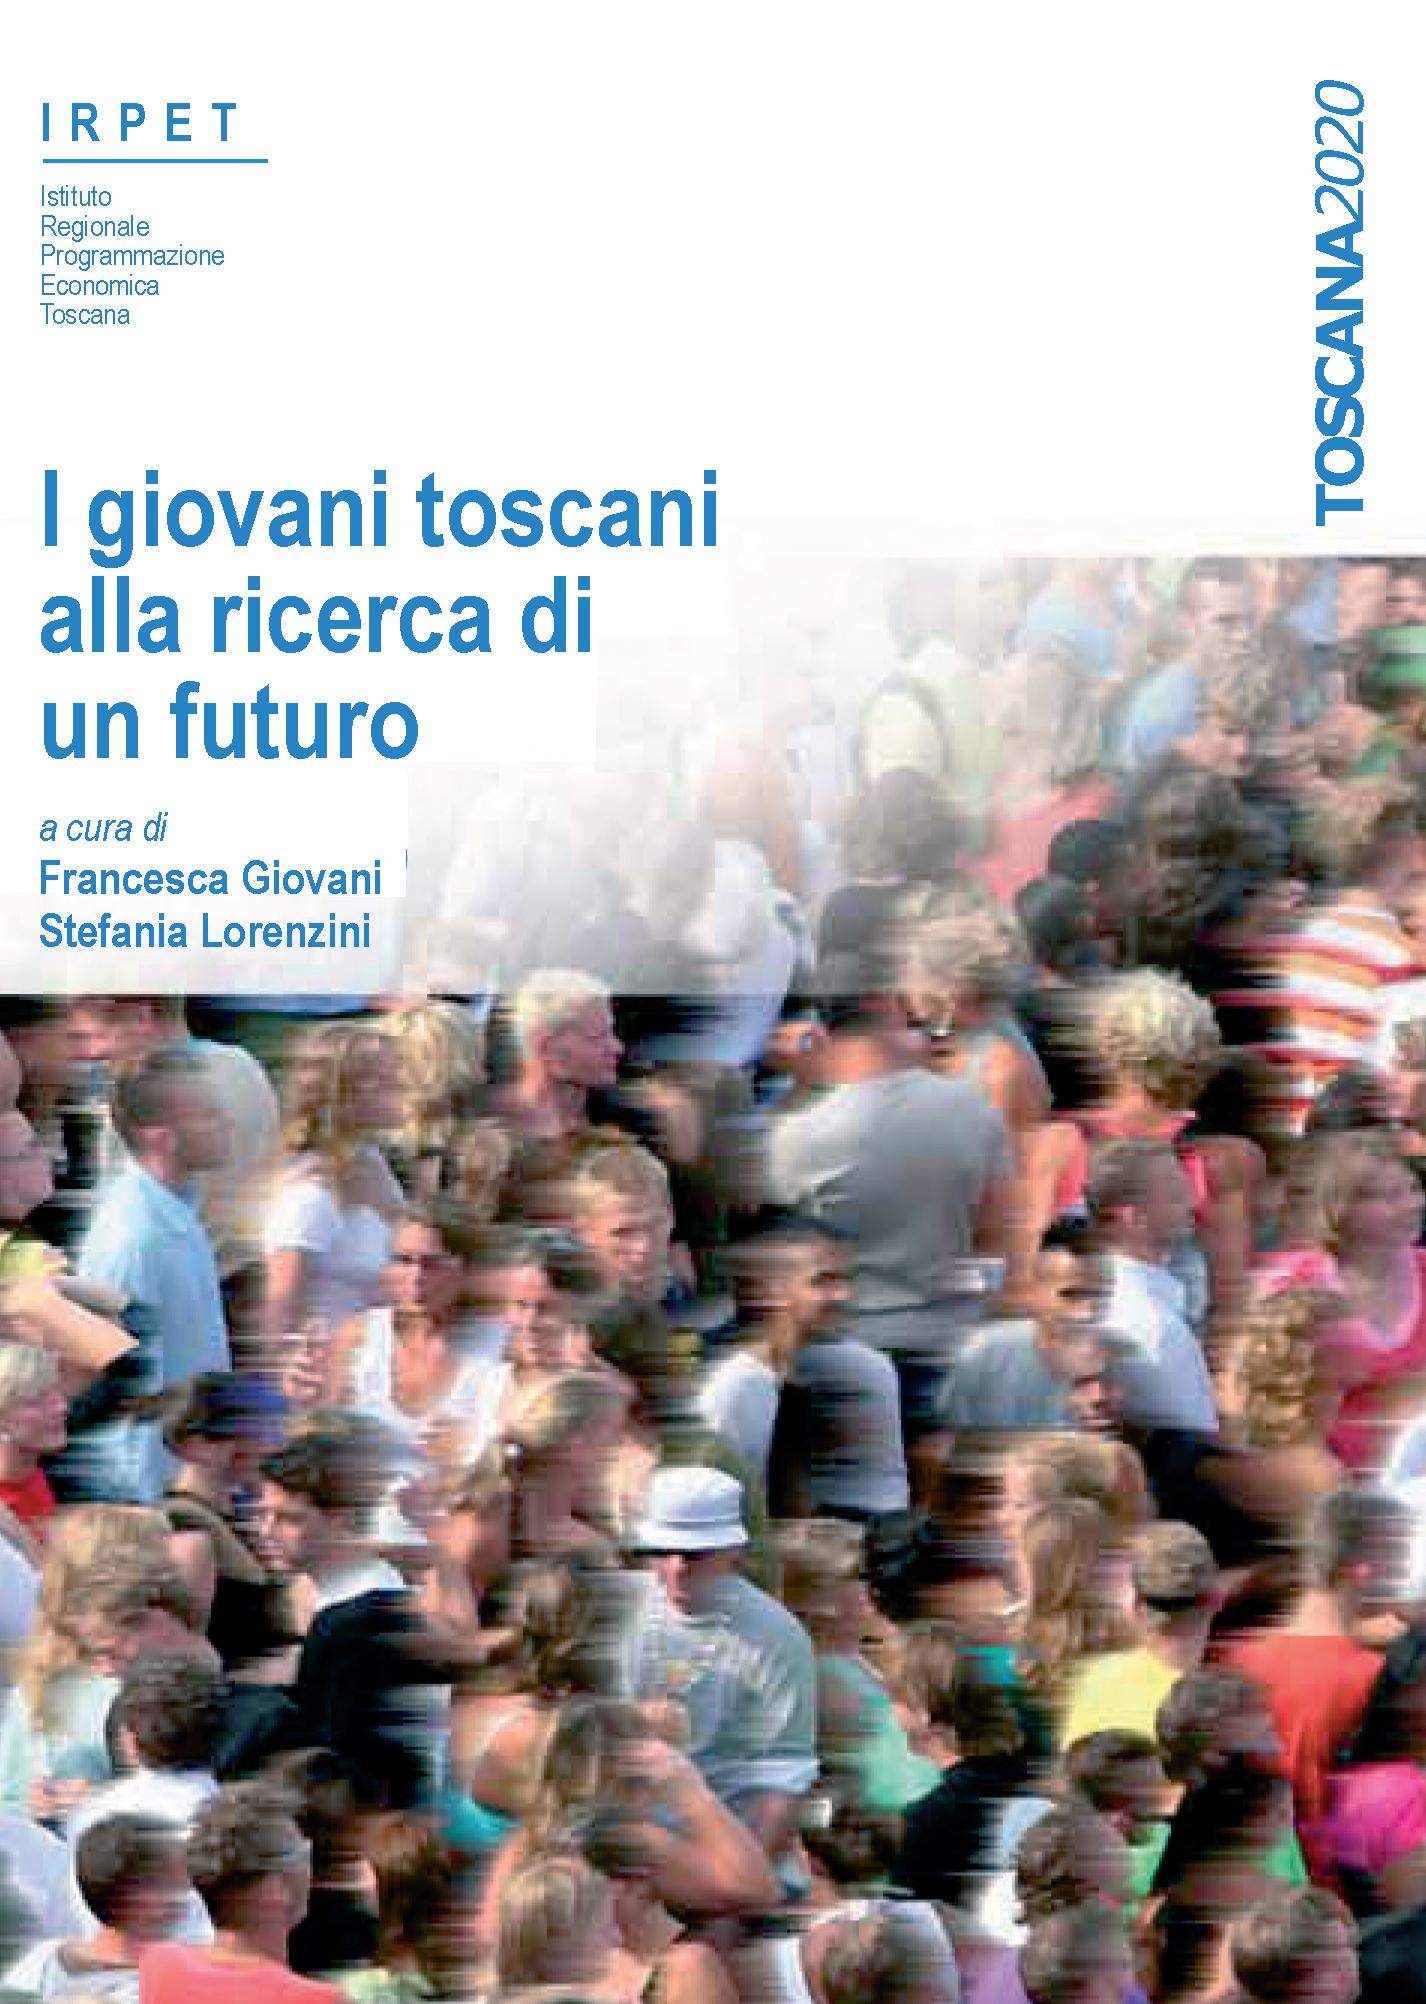 I giovani toscani alla ricerca di un futuro